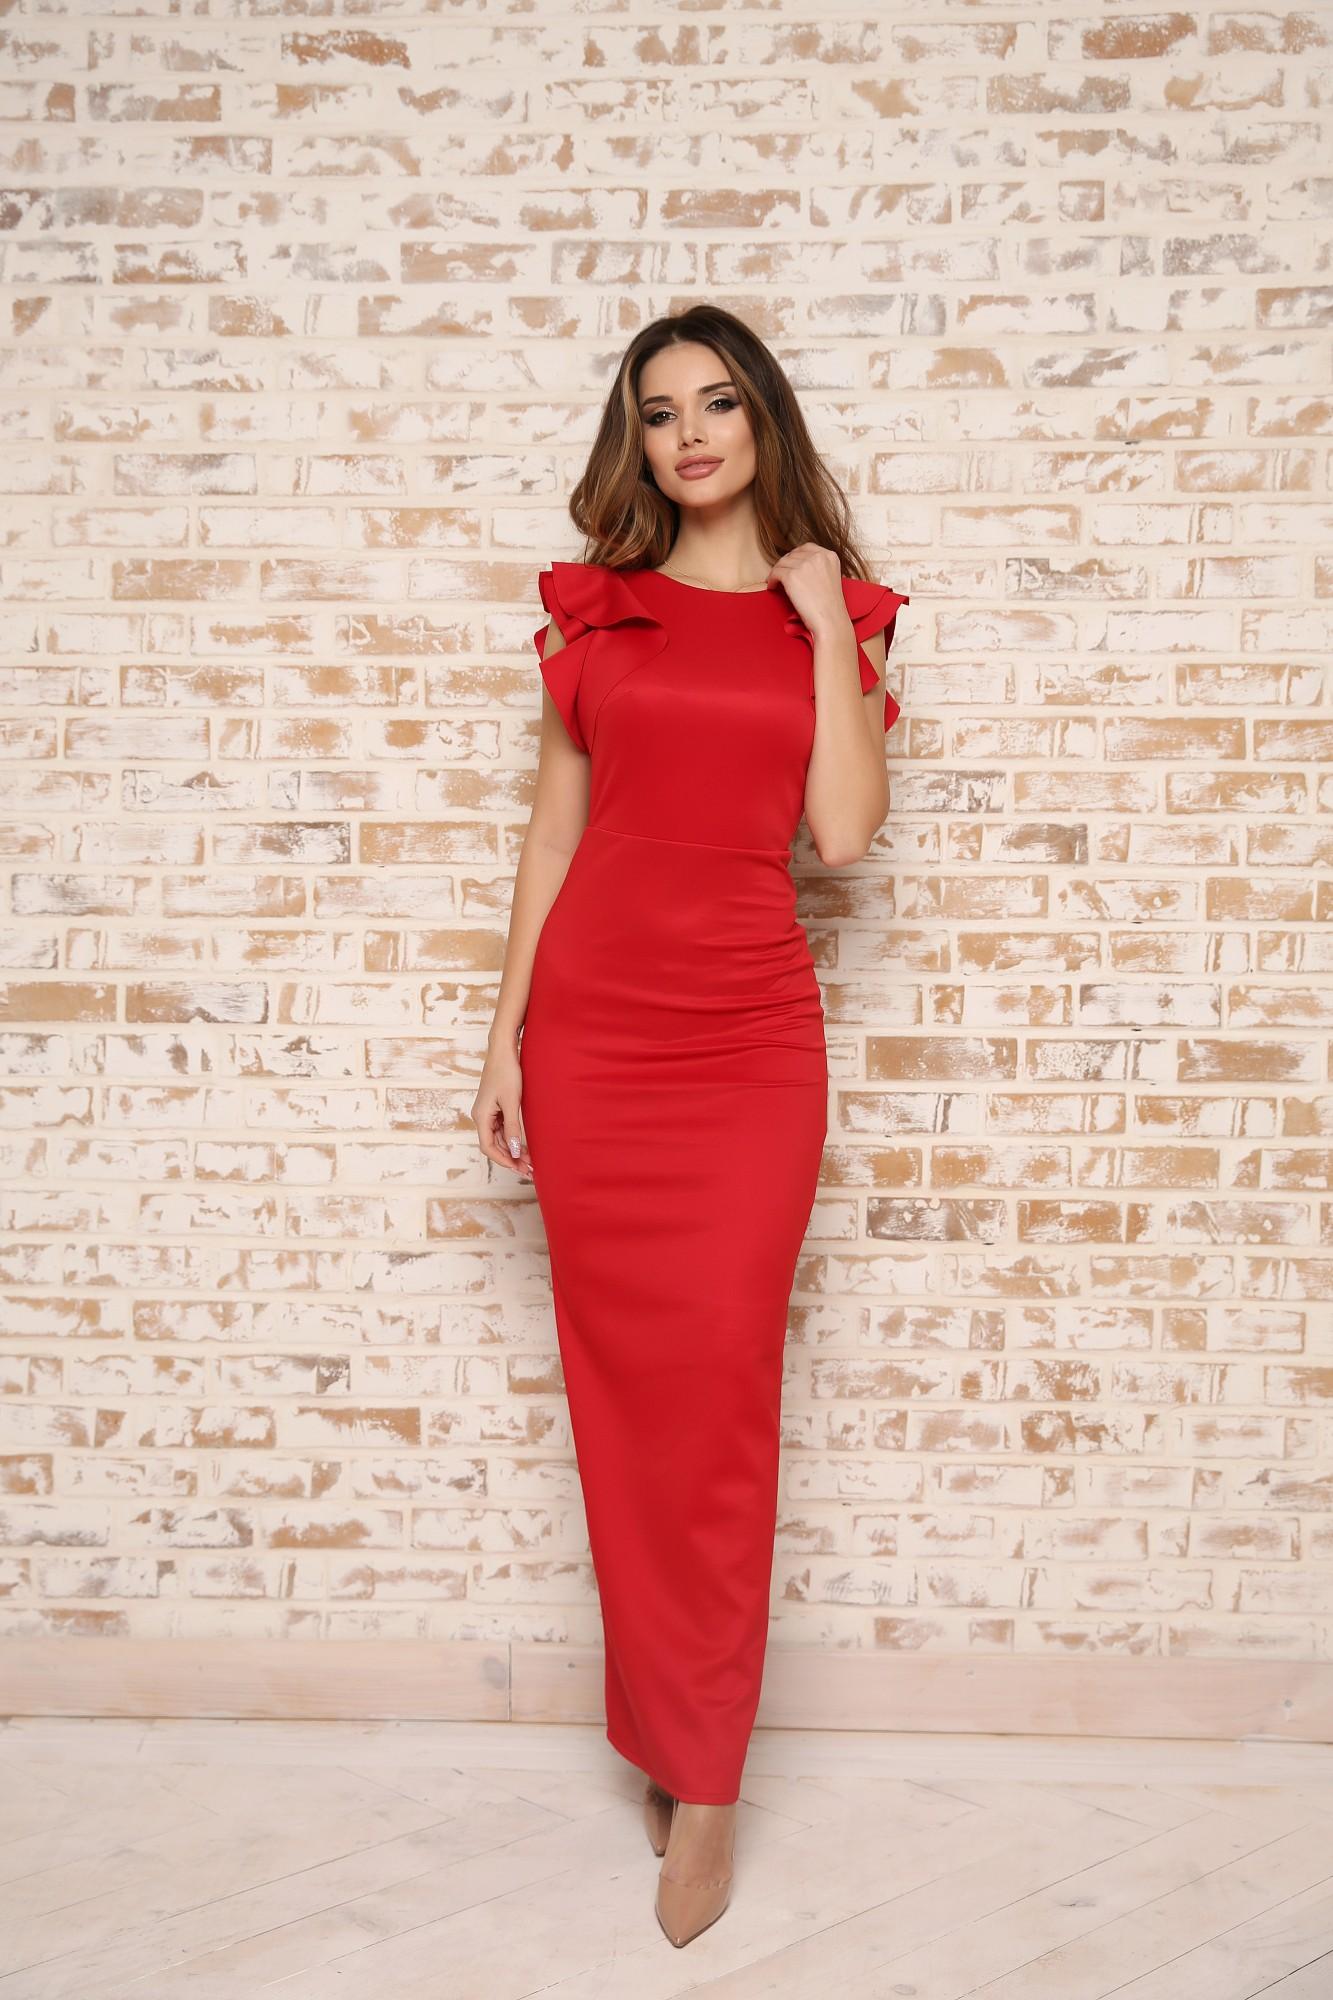 мода 2019-2020 года фото в женской одежде: платье длина макси красное рукава с воланами